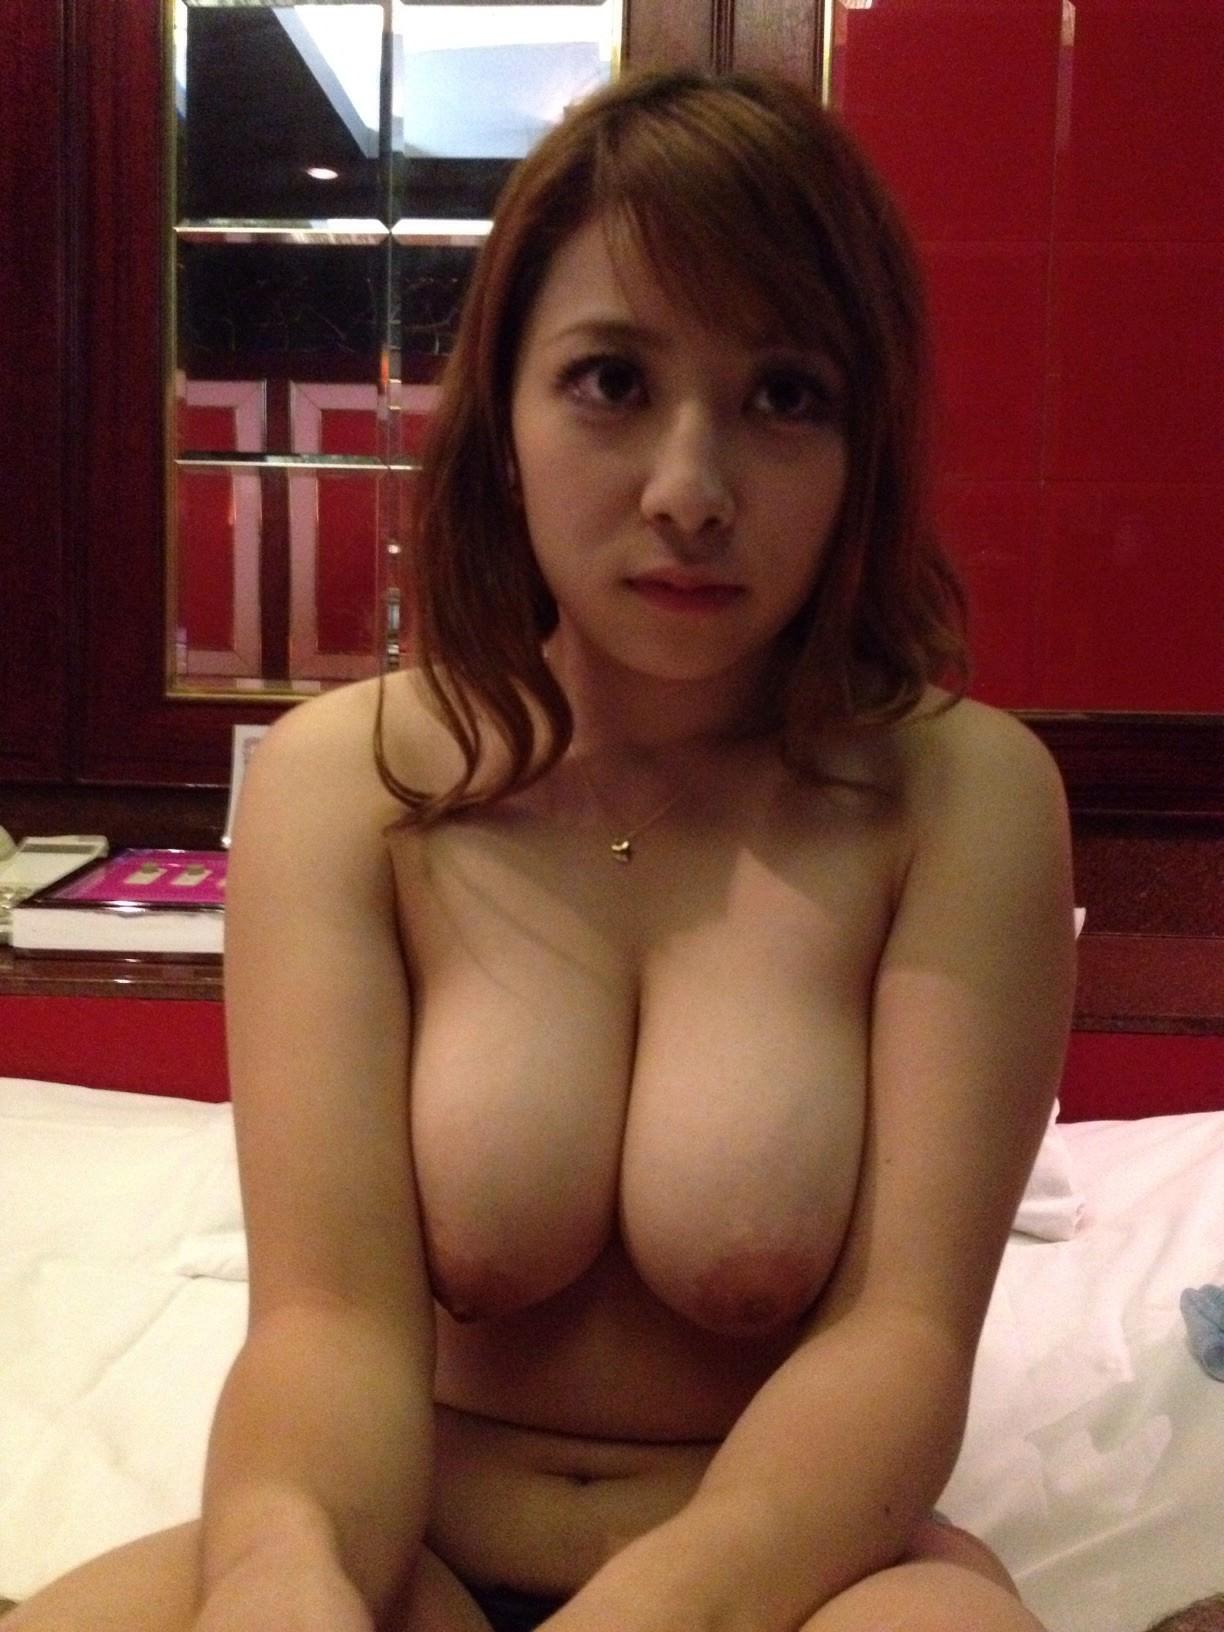 今まで付き合ってきた彼女の裸を特別にリベンジ公開するwww(ハメ撮りあり) 0929